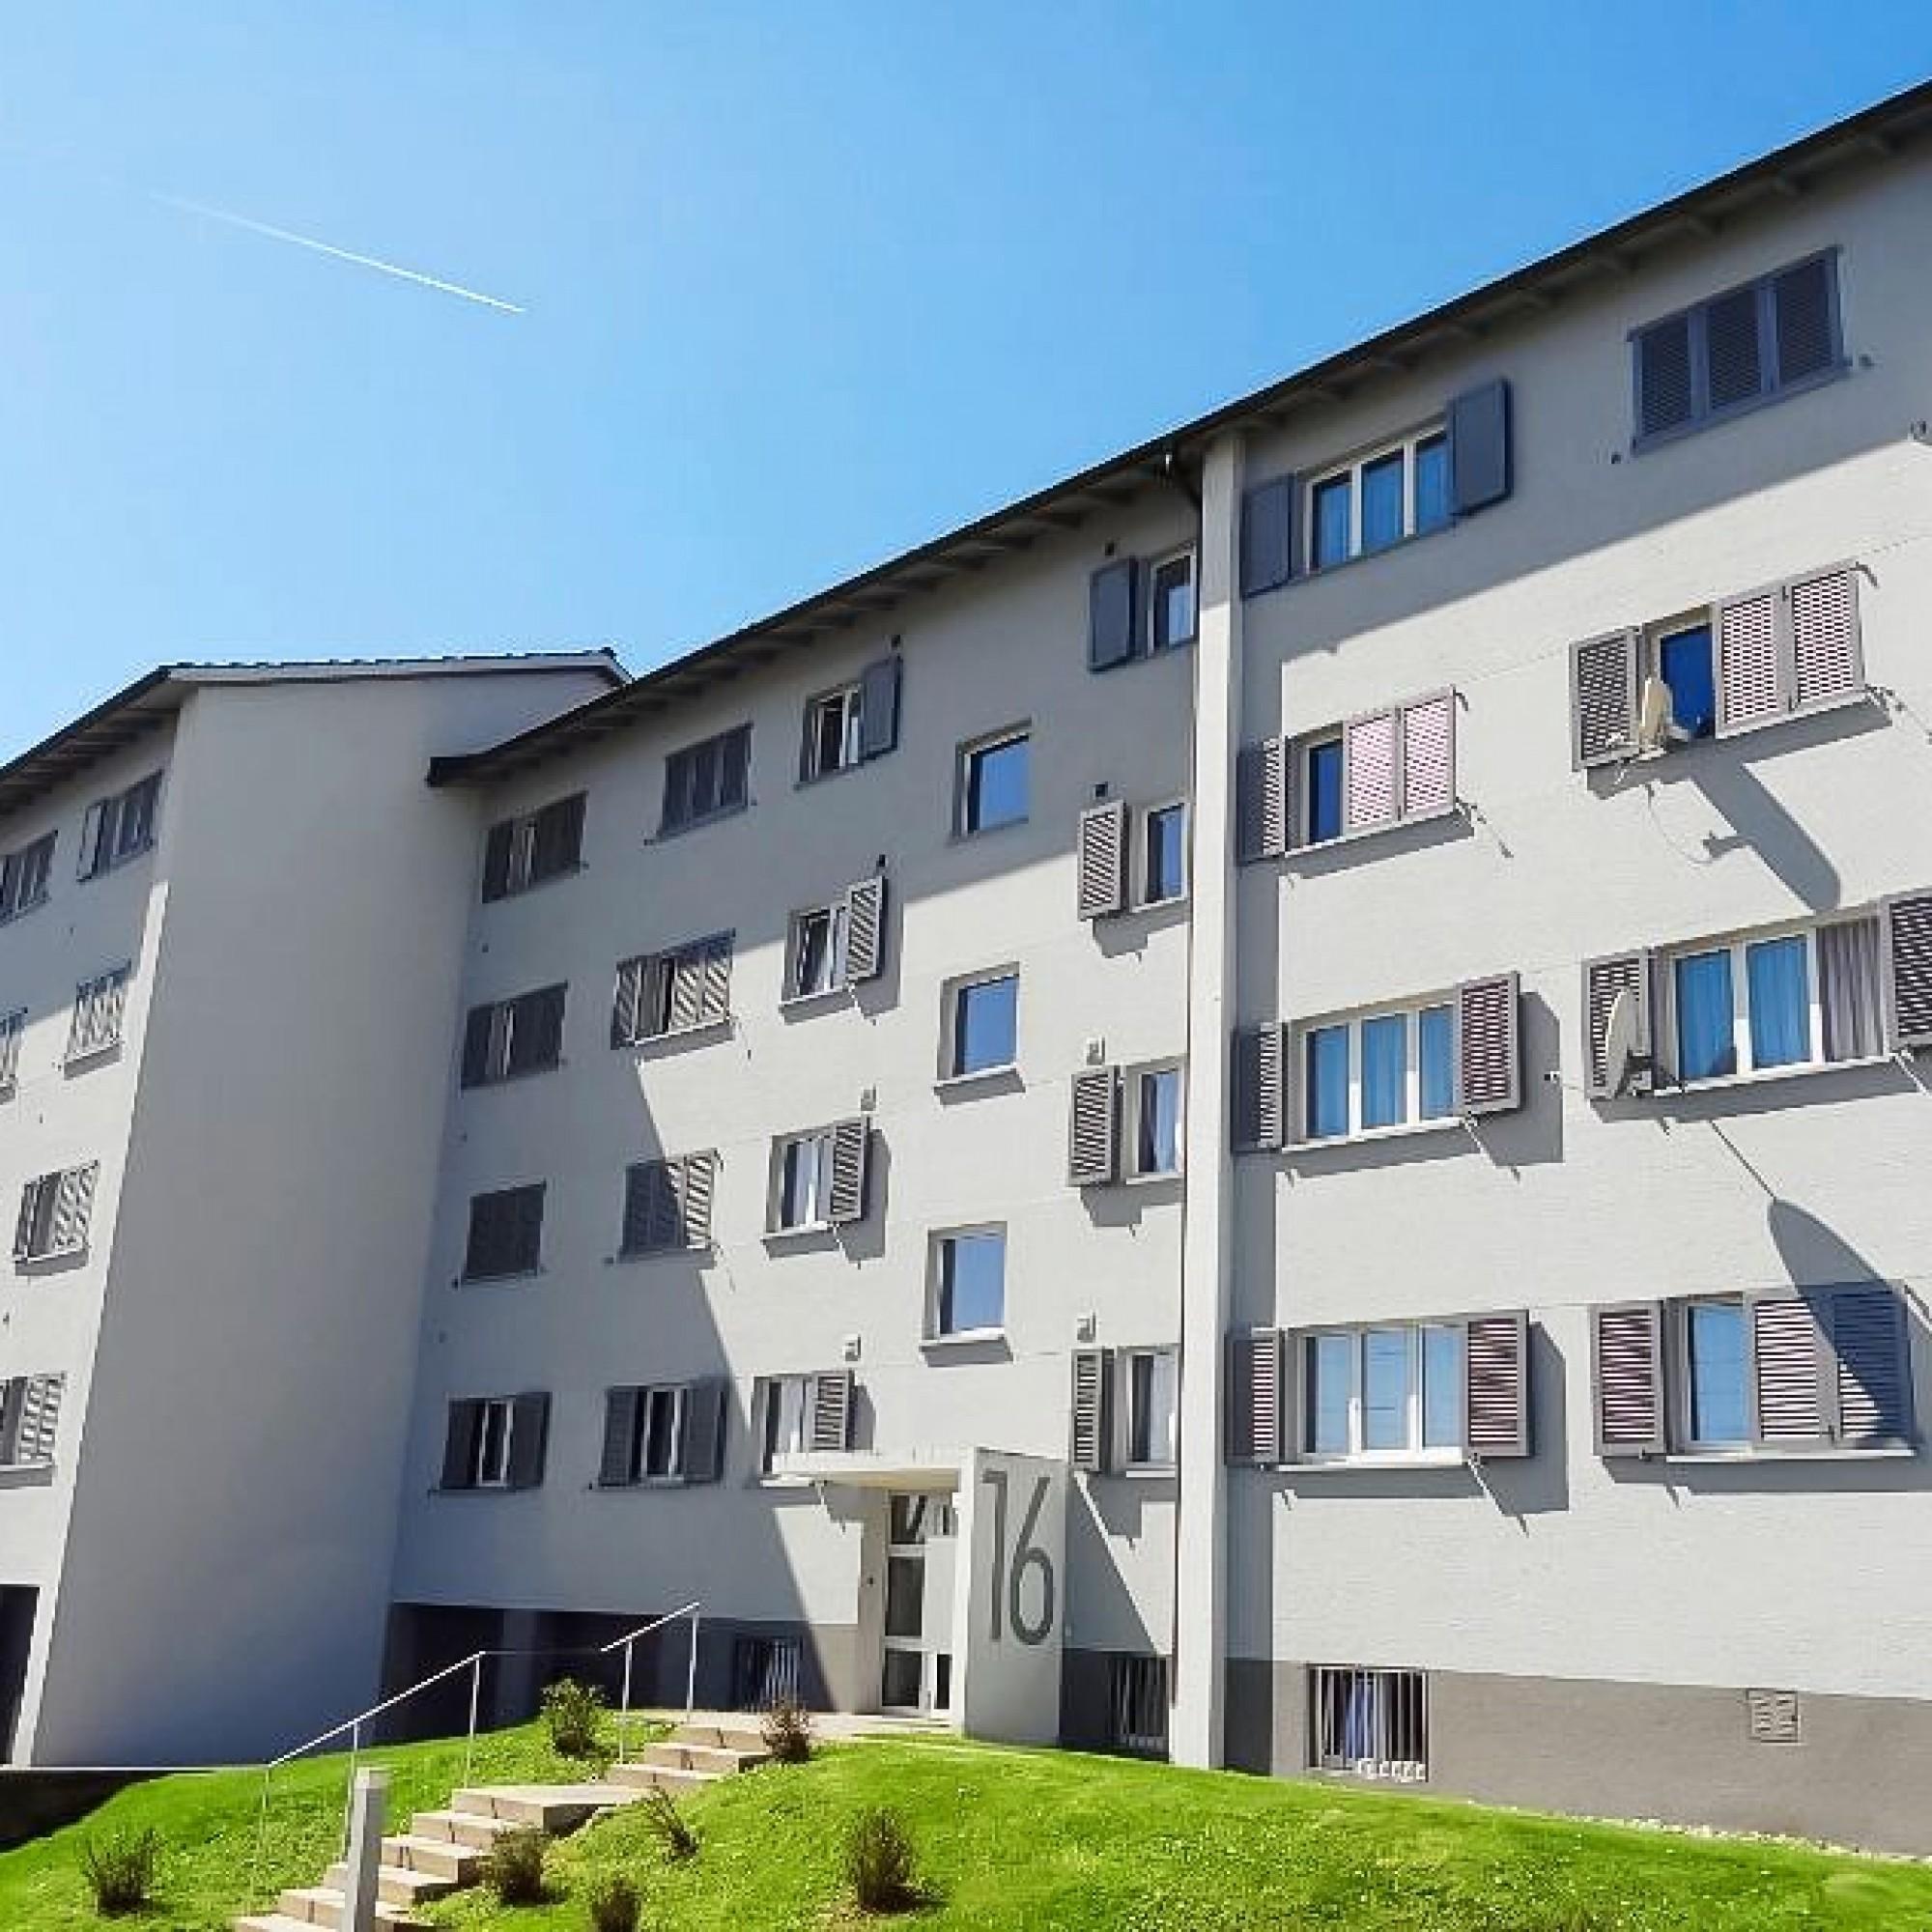 Gebäude aus dem Immobilien-Portefeuille der Credit Suisse, das in die energetische Betriebsoptimierung einbezogen wurde.